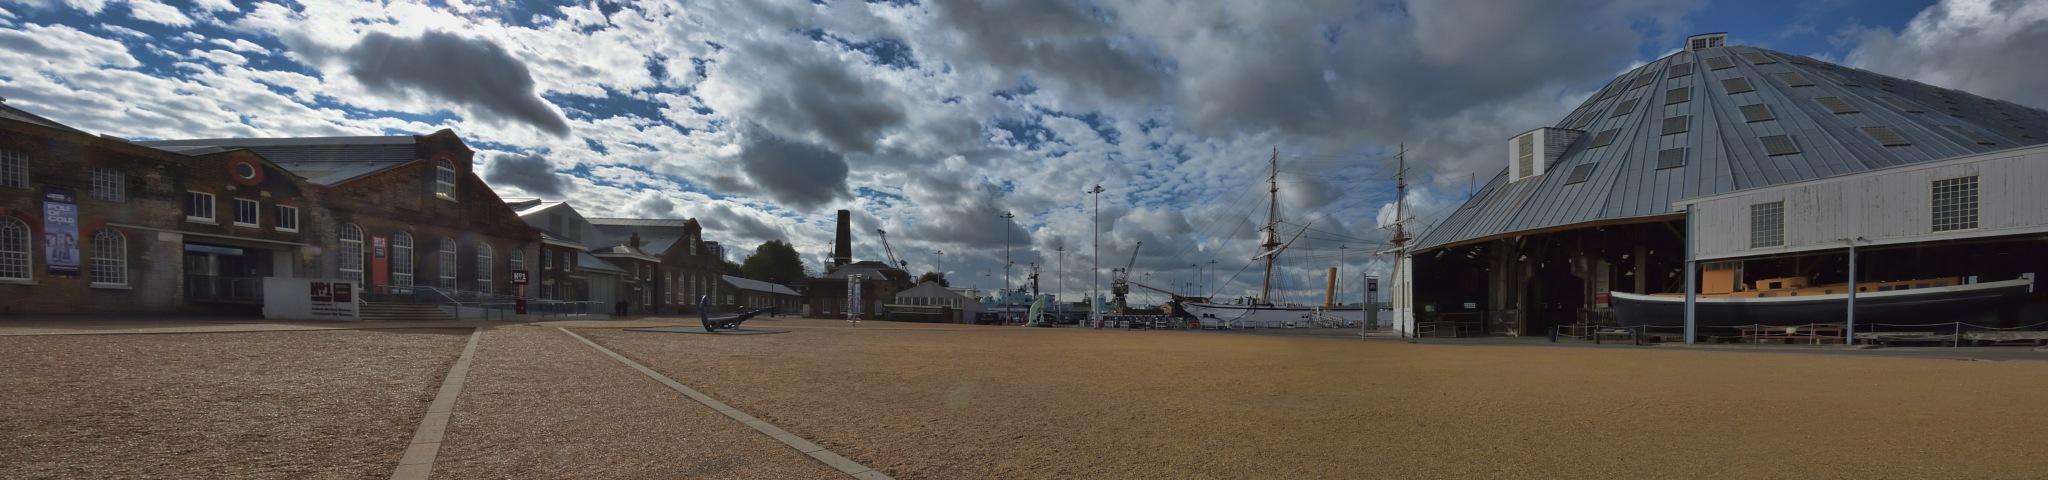 The Historic Dockyard, Chatham by Derek Clarke